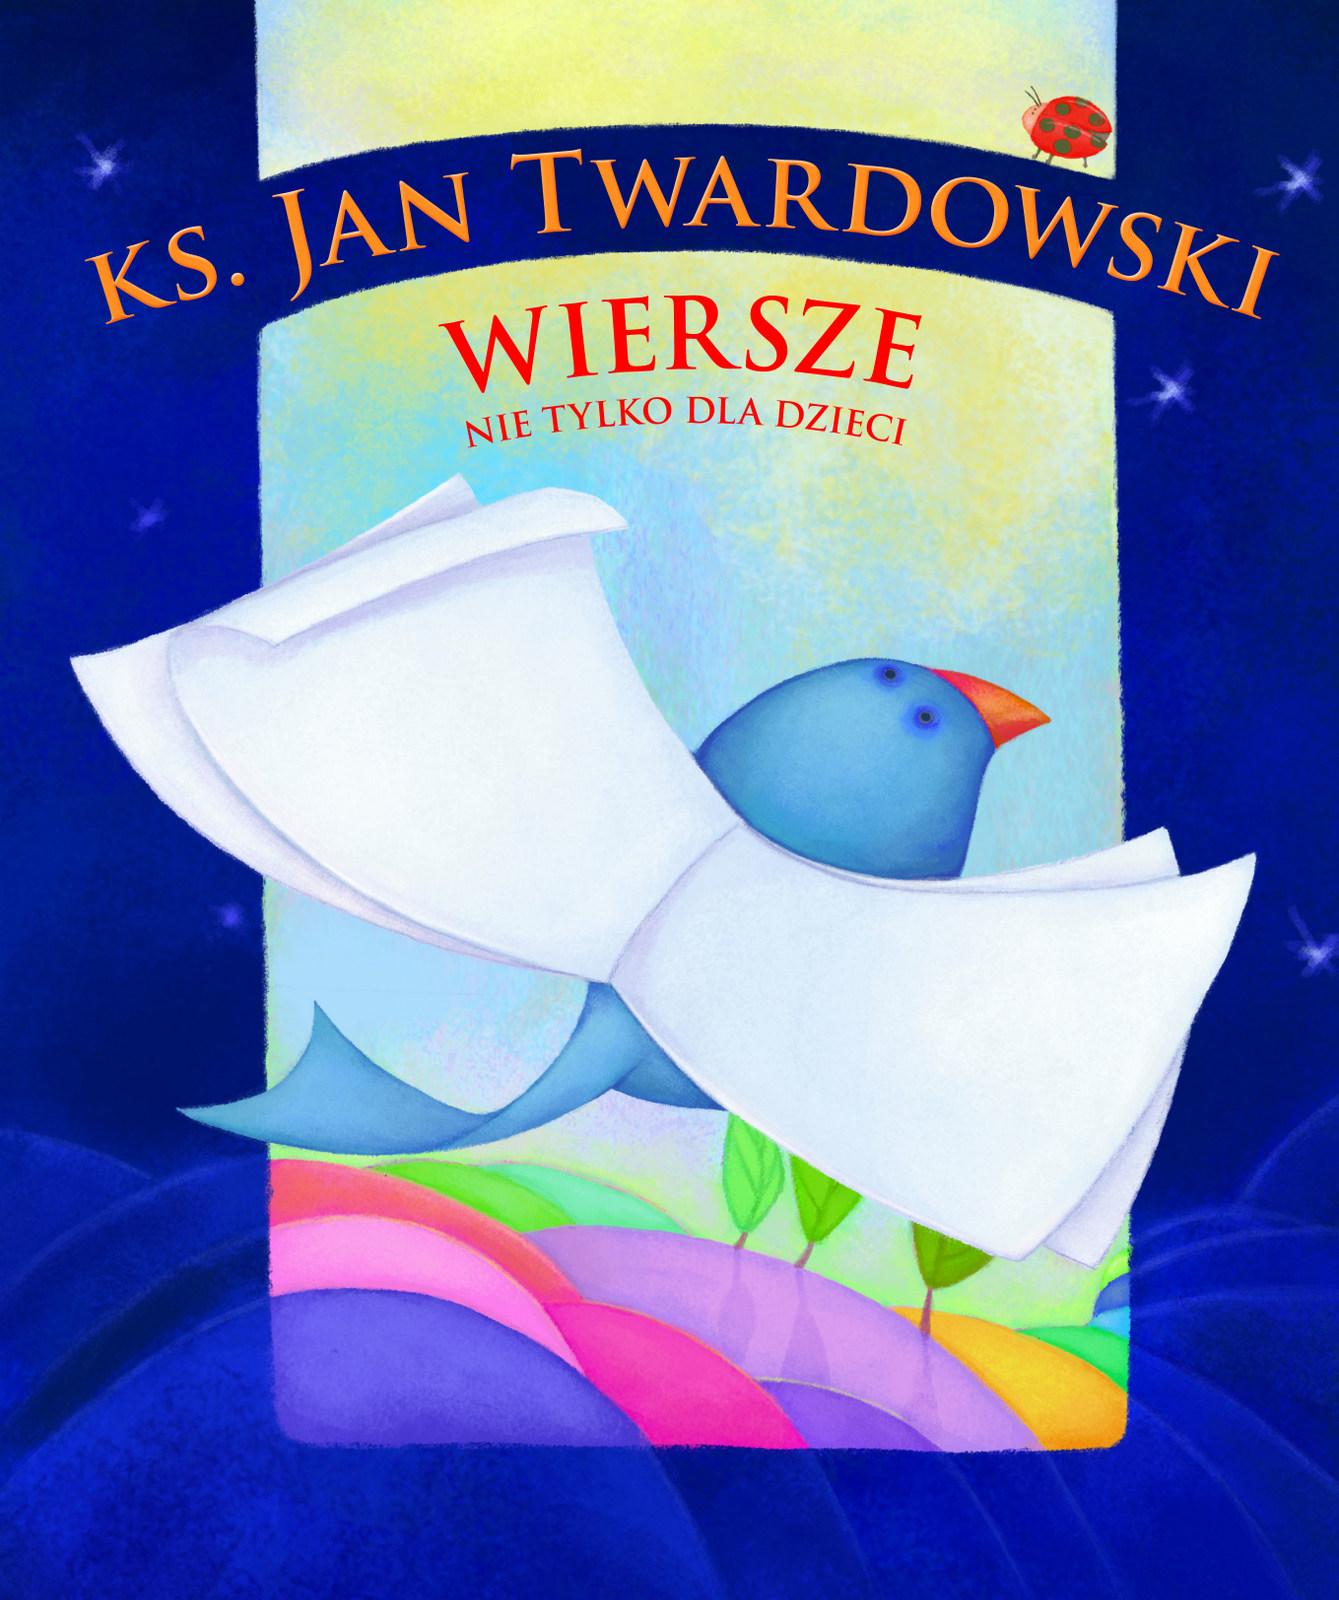 Czytam Książki Wiersze Nie Tylko Dla Dzieci Ksjan